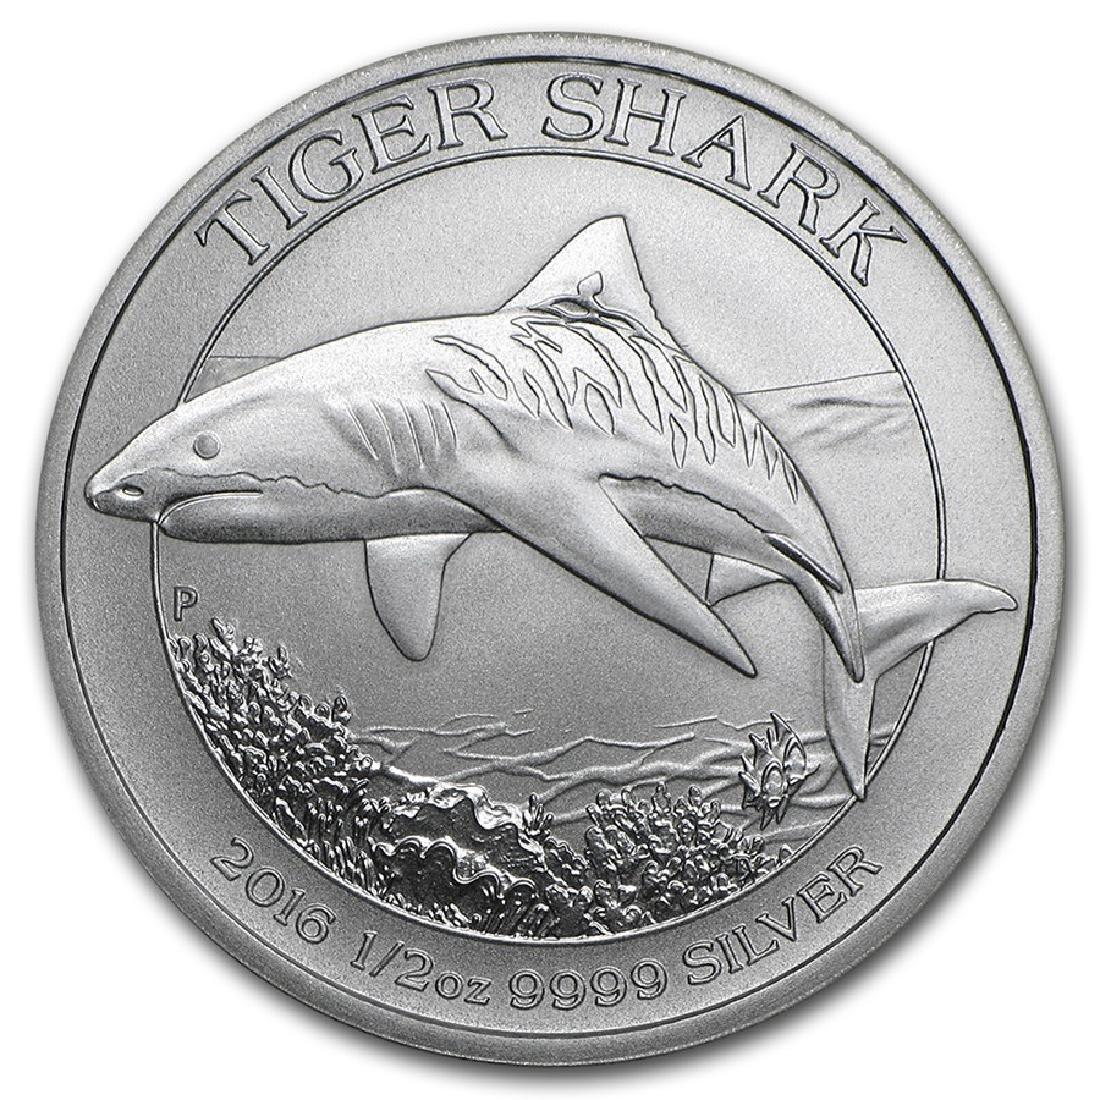 2016 Australia Tiger Shark 1/2 oz Silver Coin